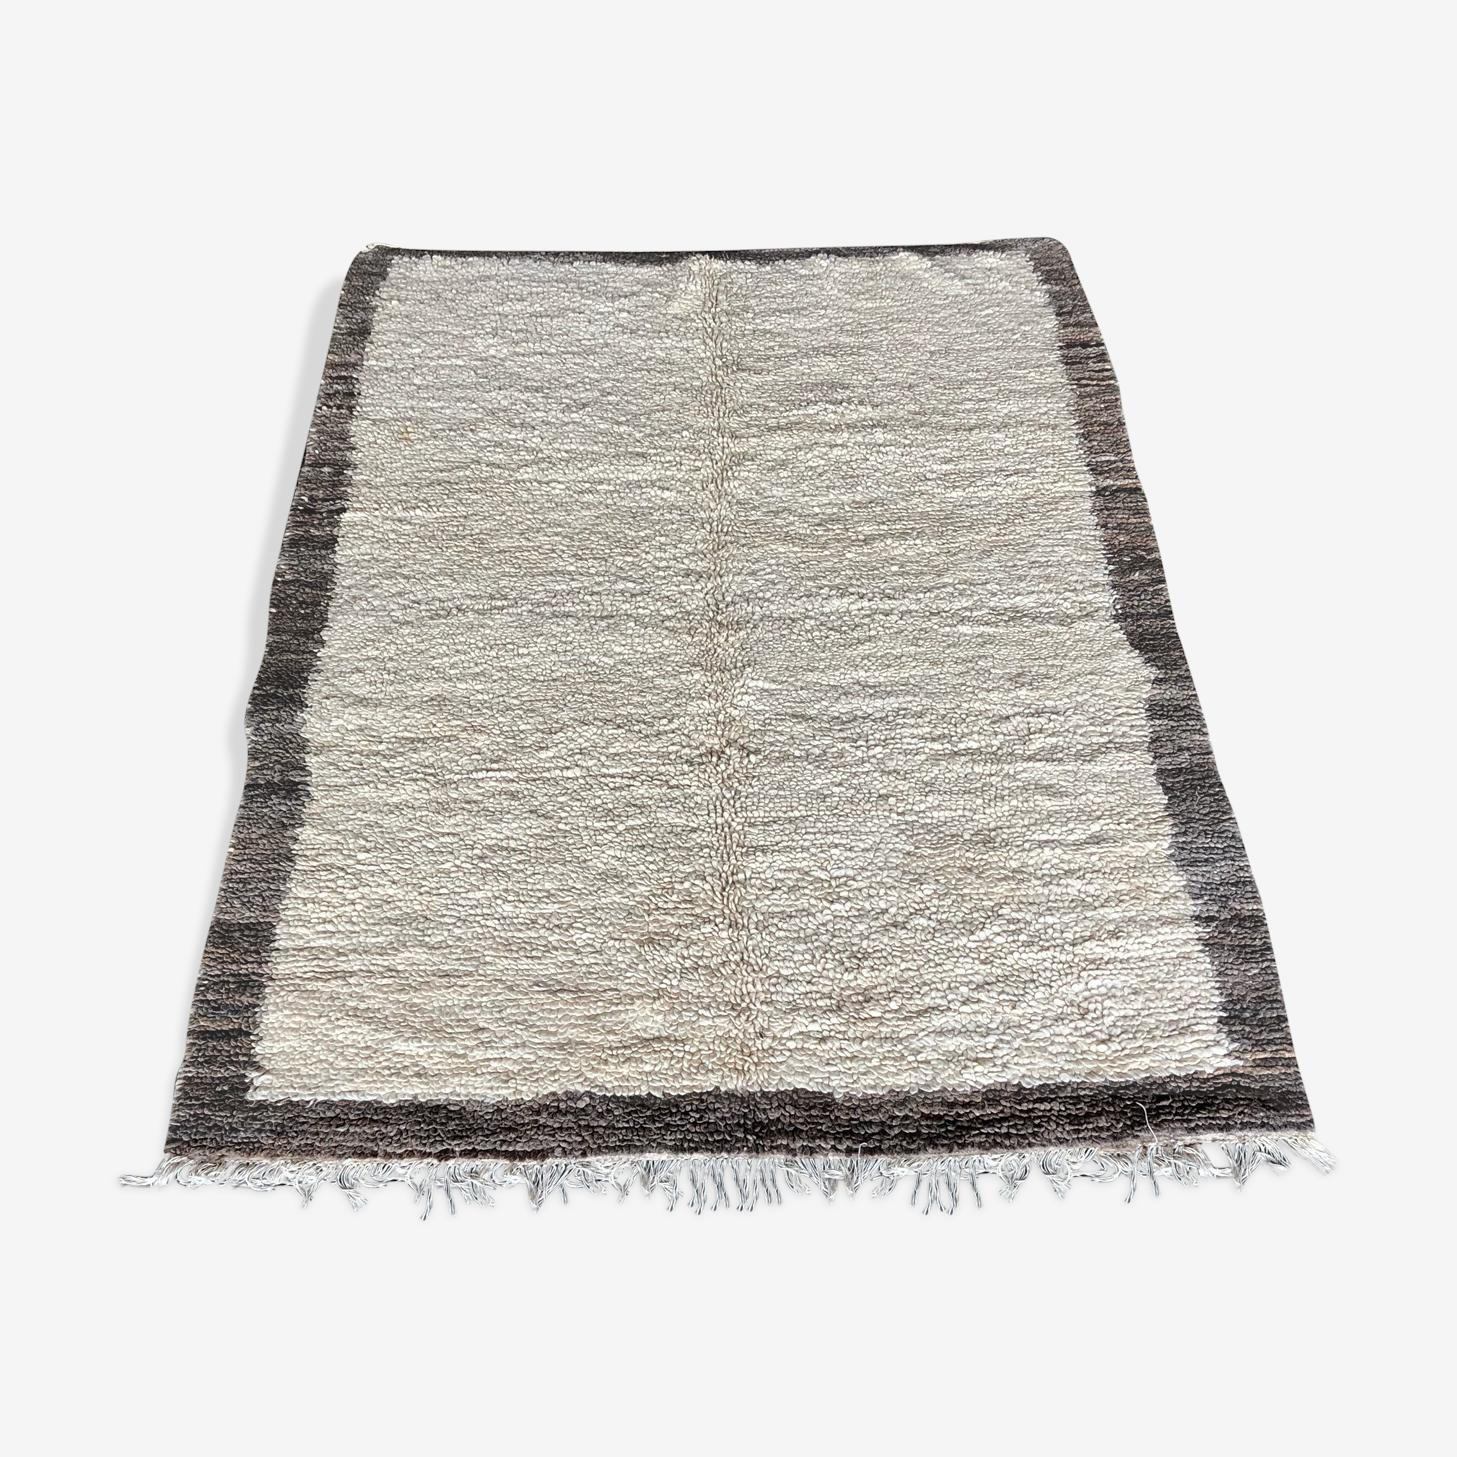 Tapis Beni Ouarain, tapis marocain 240x170cm